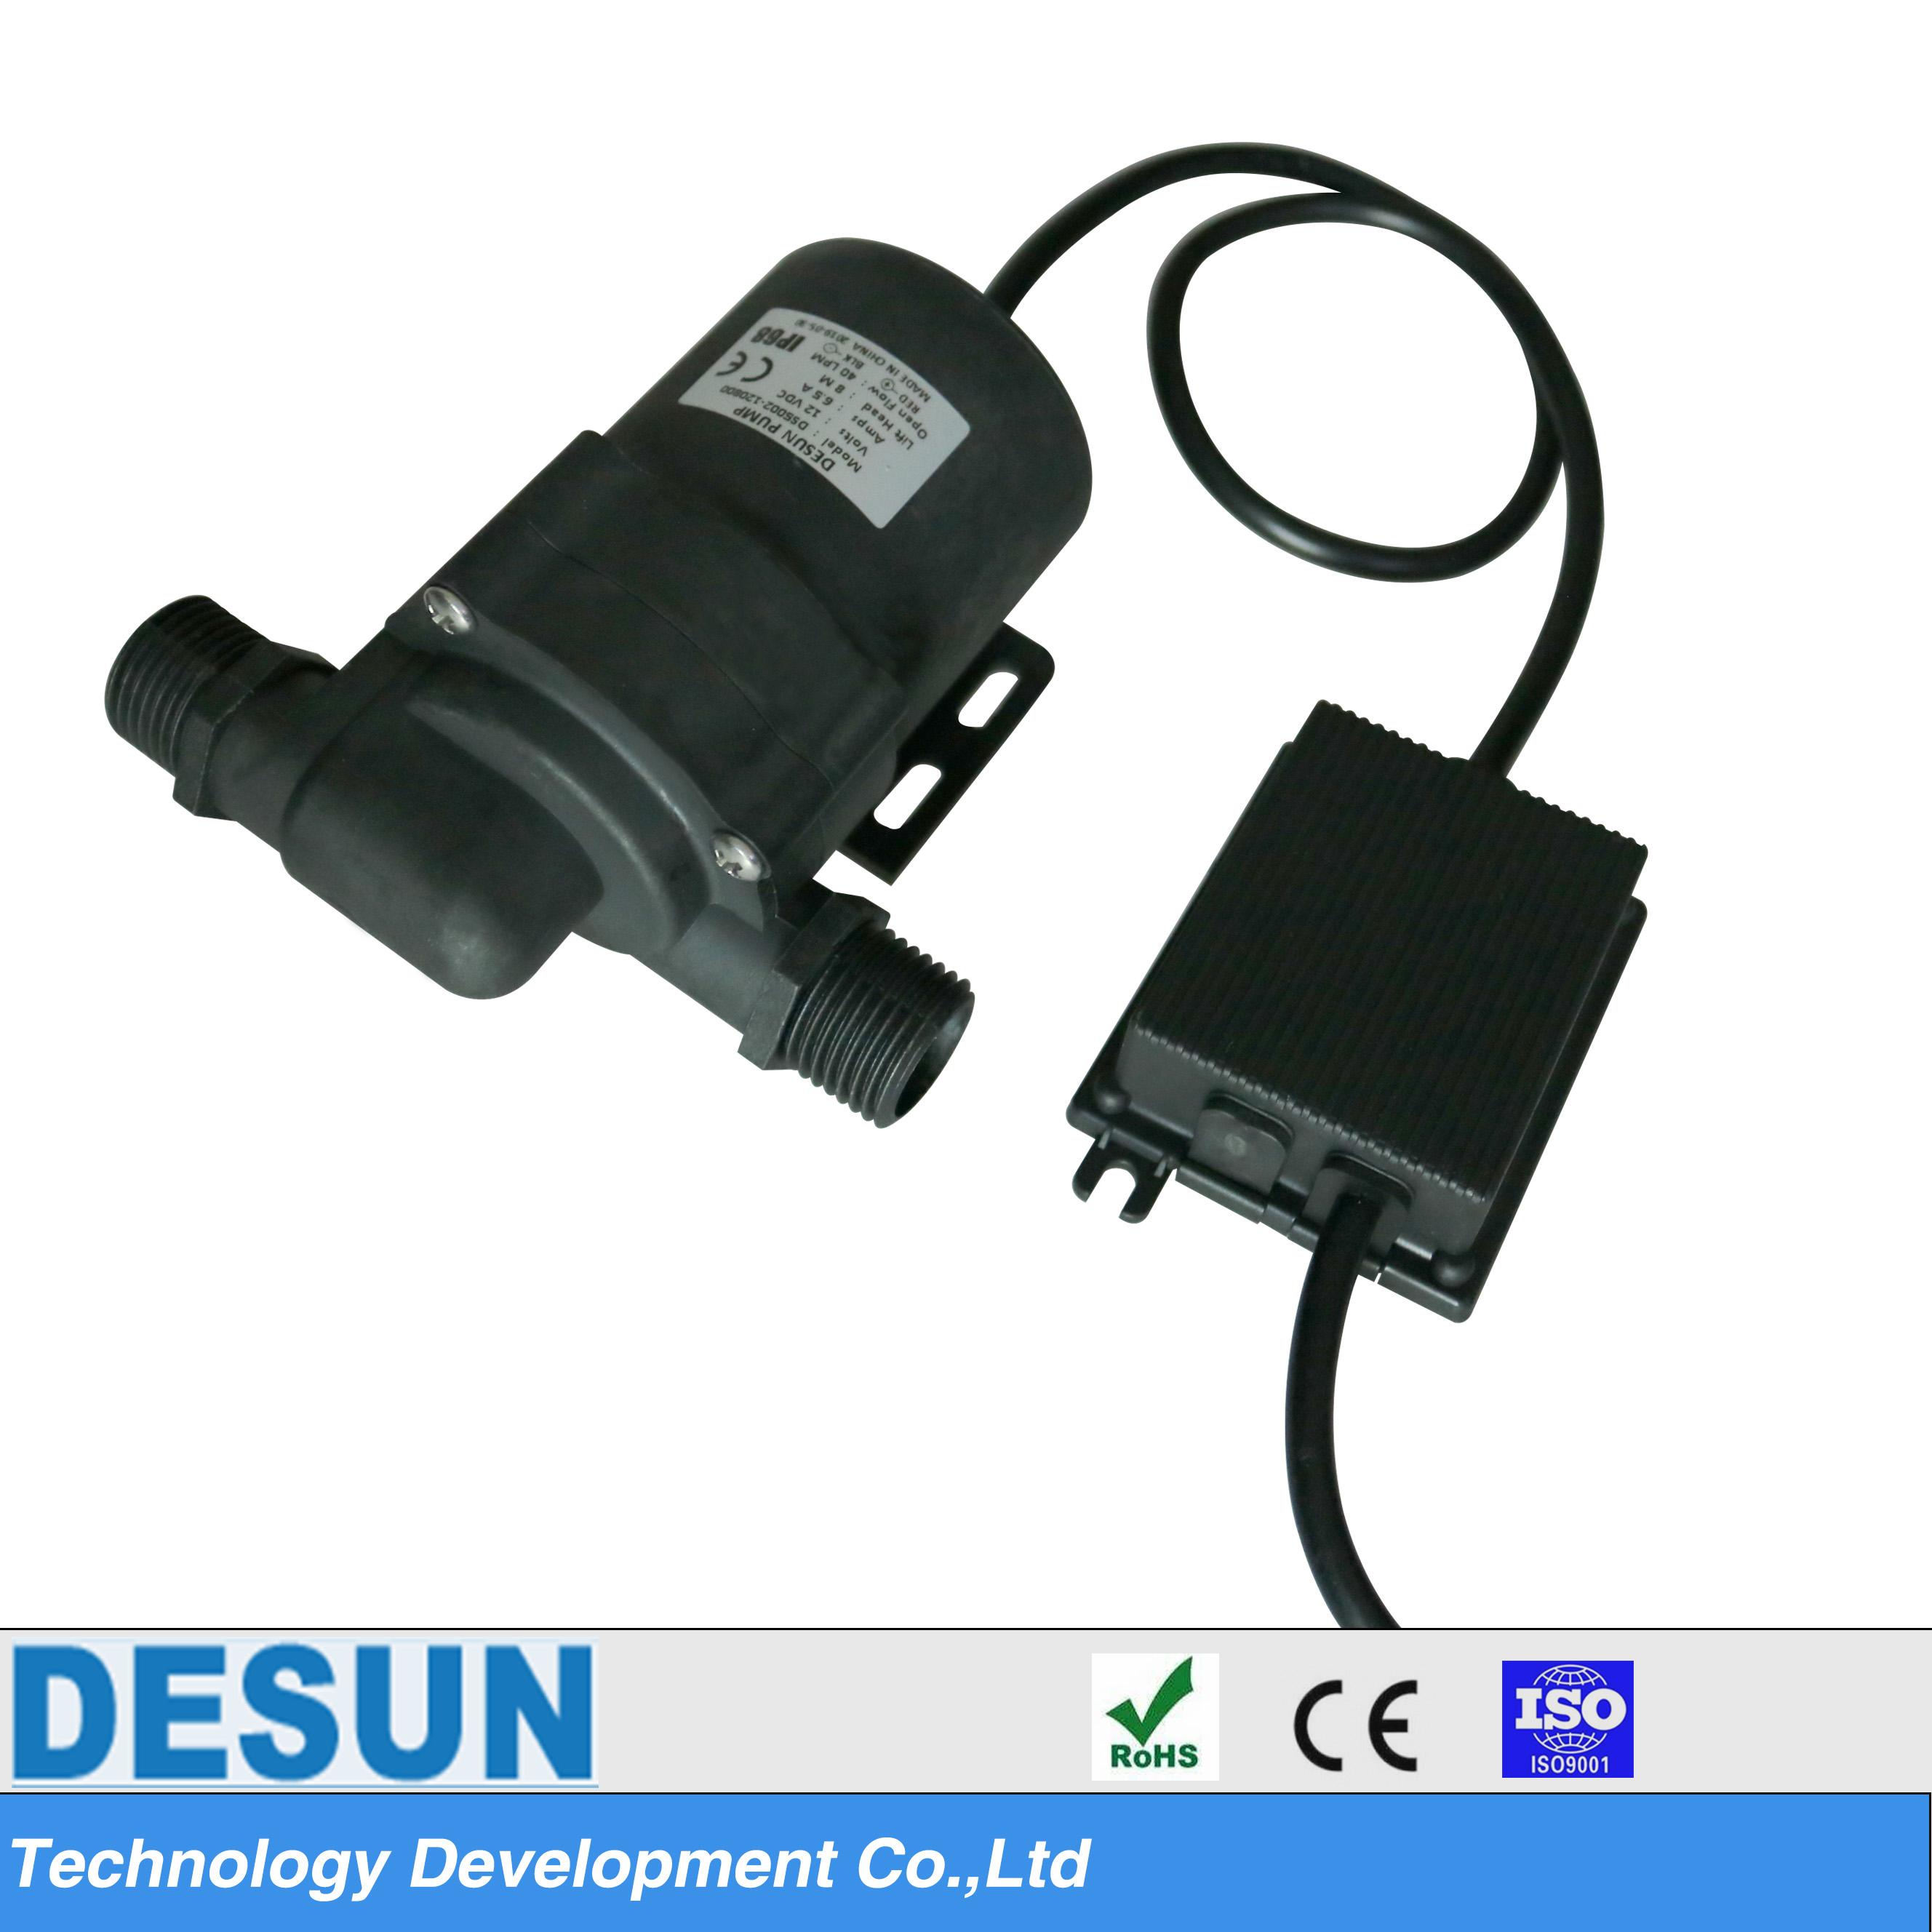 三相调速厨卫设备微型水泵DS5002